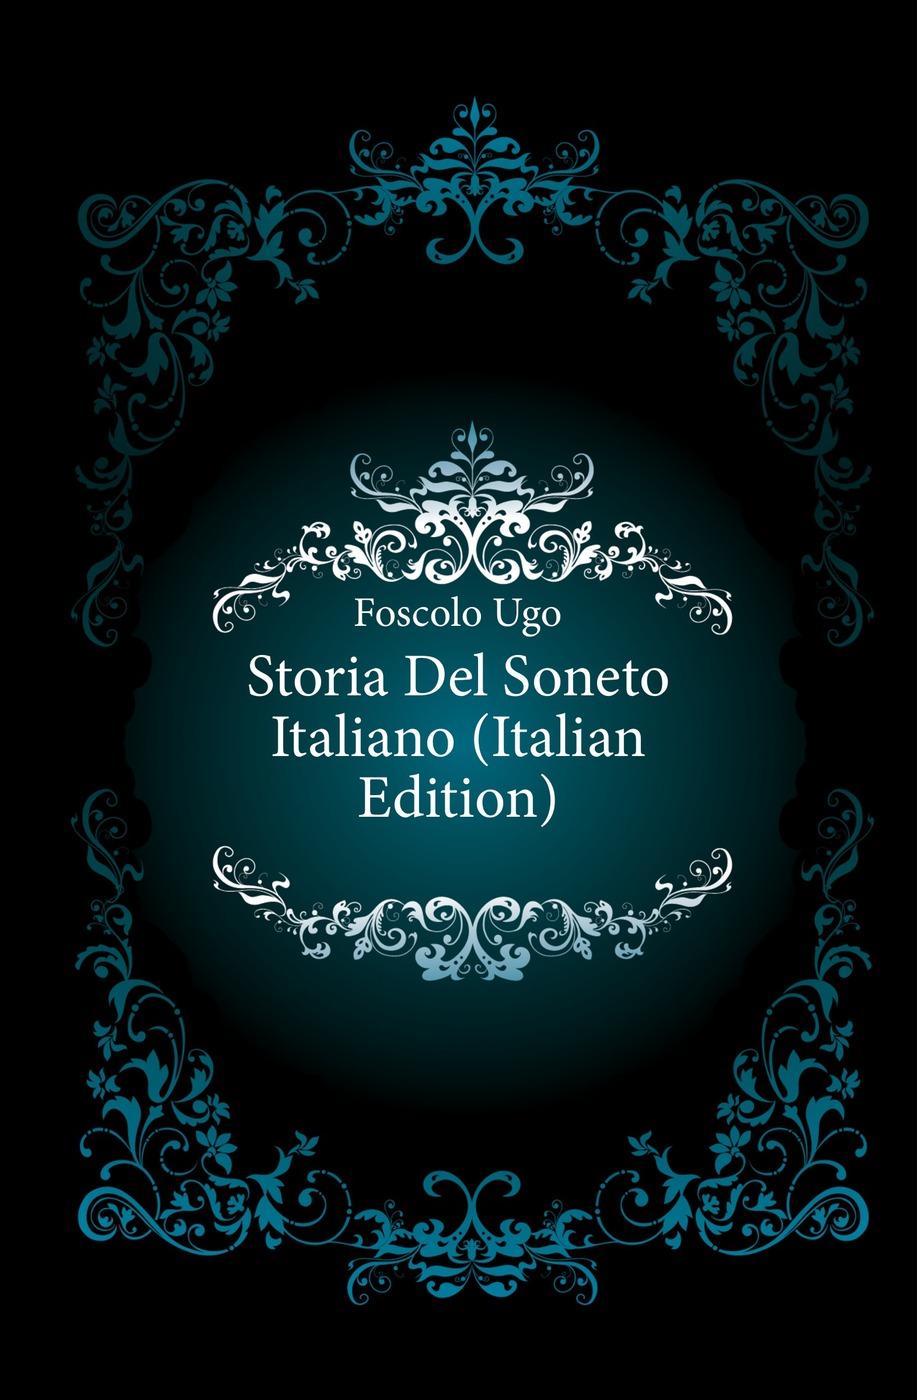 Foscolo Ugo Storia Del Soneto Italiano (Italian Edition)